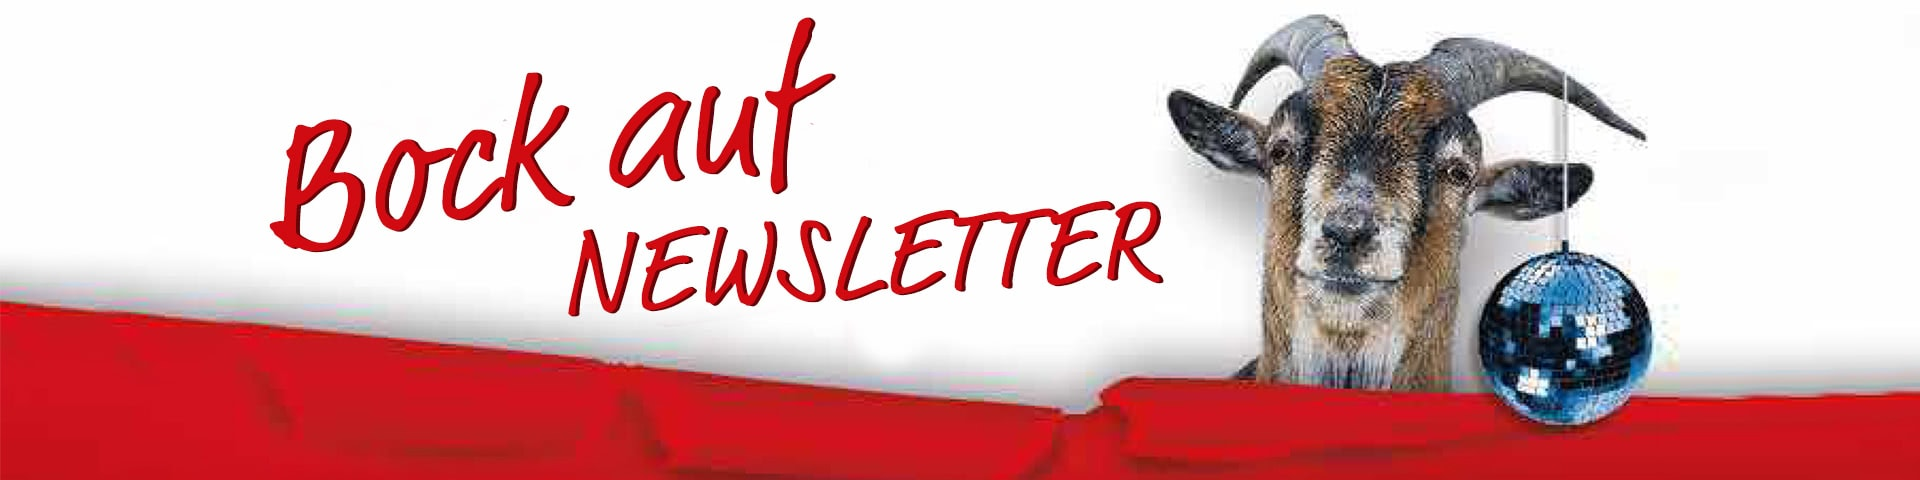 Bock auf Newsletter ein Ziegenbock an dessen Horn eine kleine Discokugel hängt